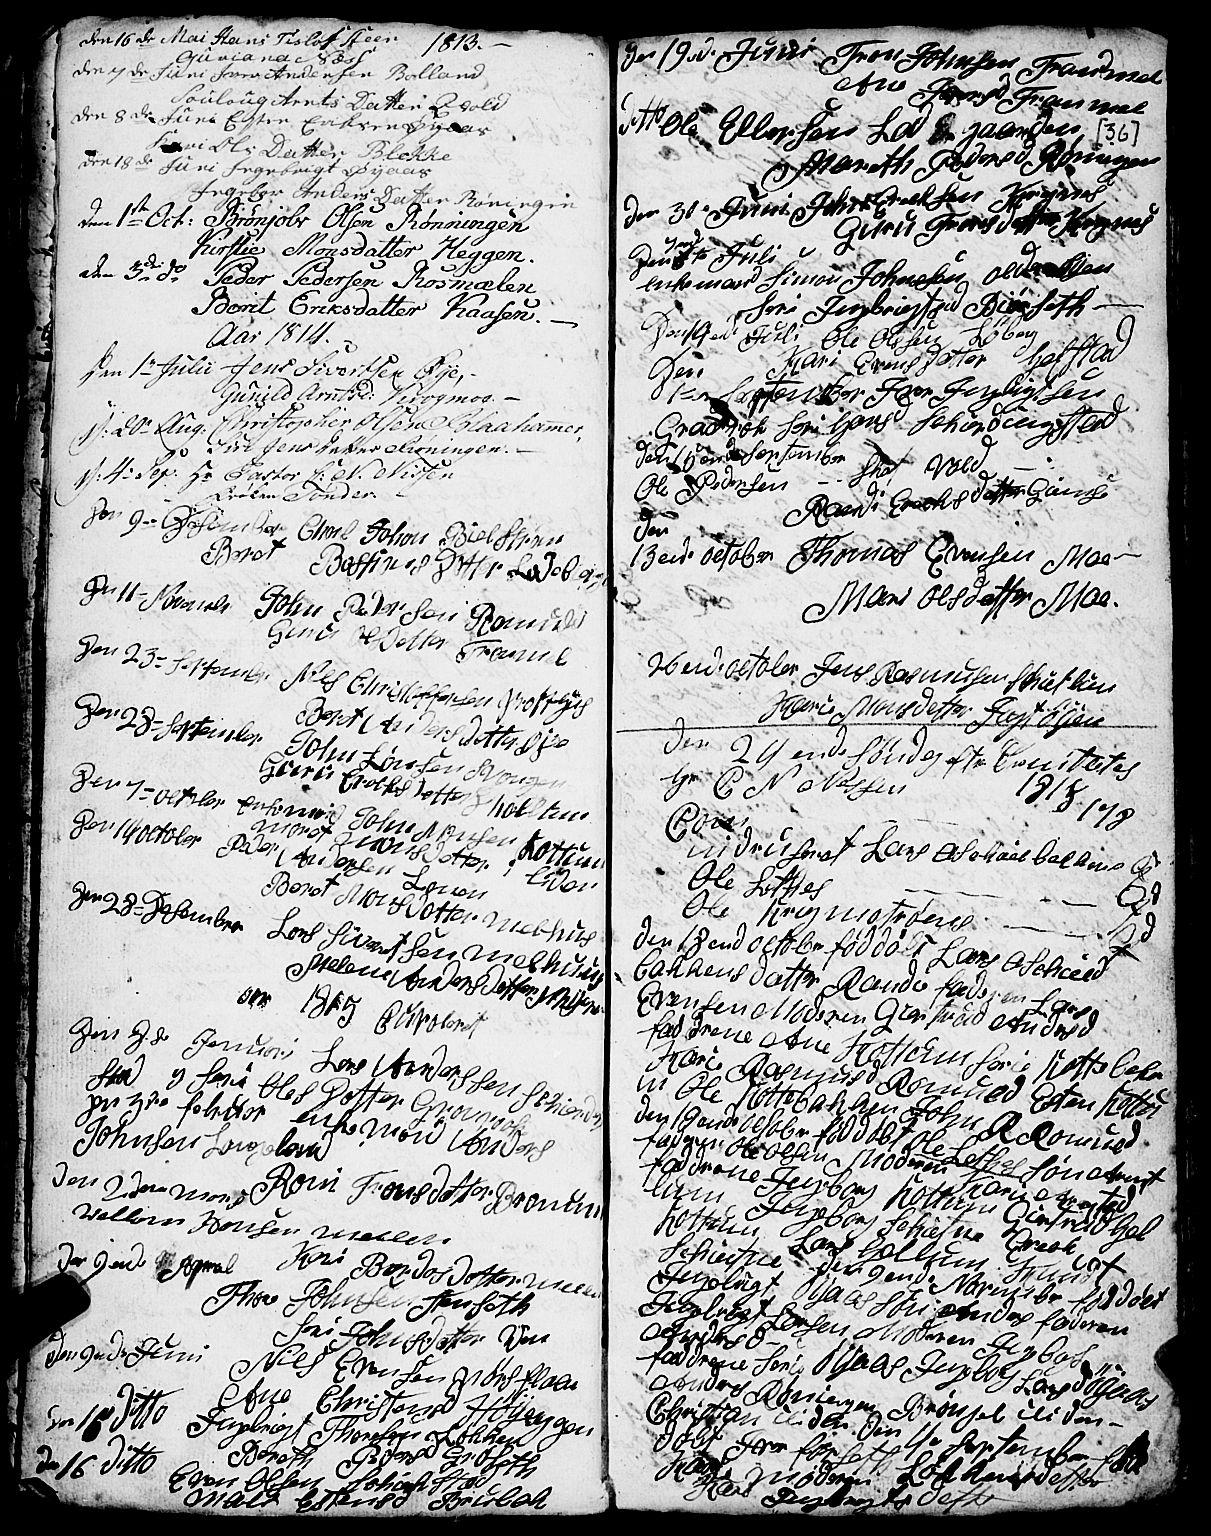 SAT, Ministerialprotokoller, klokkerbøker og fødselsregistre - Sør-Trøndelag, 691/L1091: Klokkerbok nr. 691C02, 1802-1815, s. 36